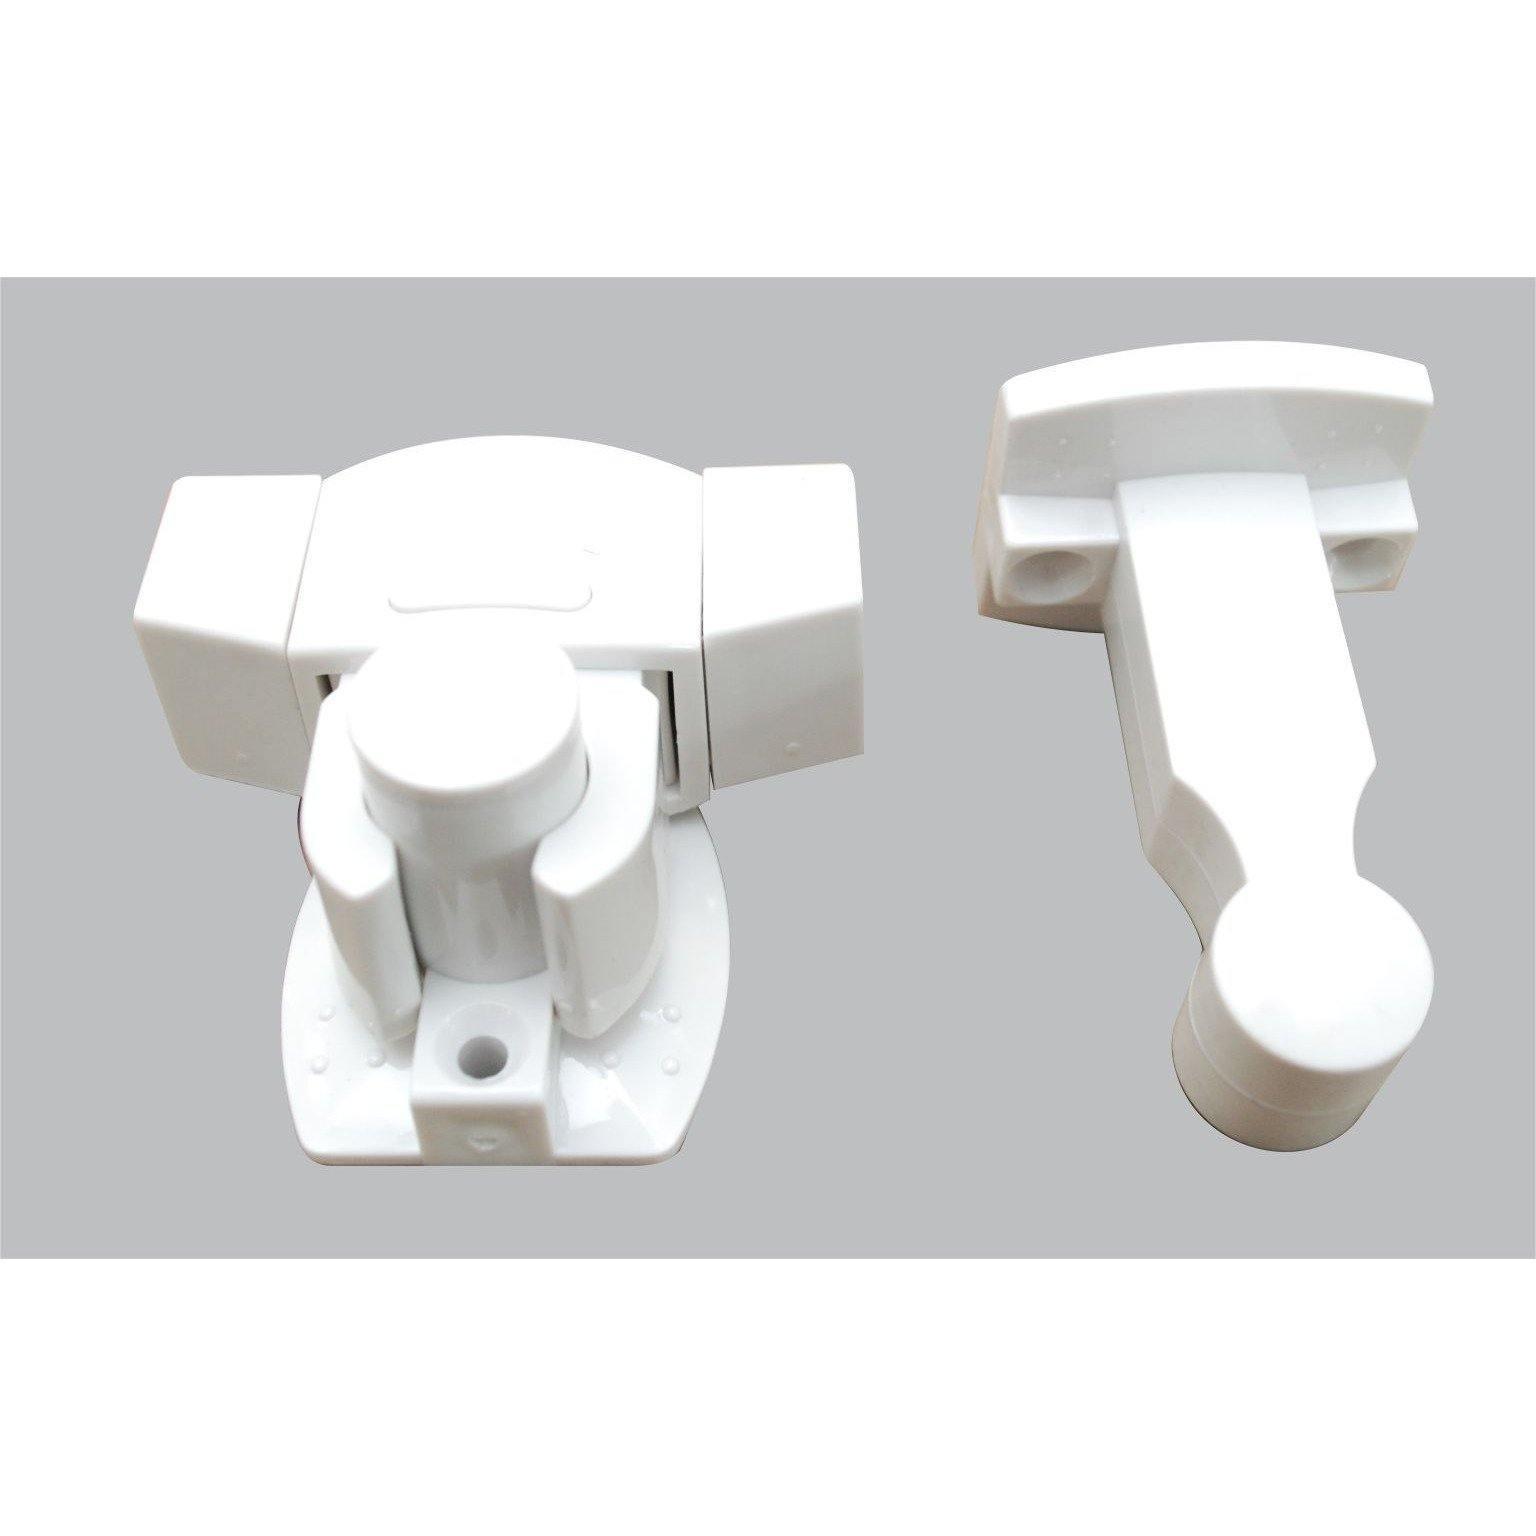 White plastic door stop - floor & wall mount